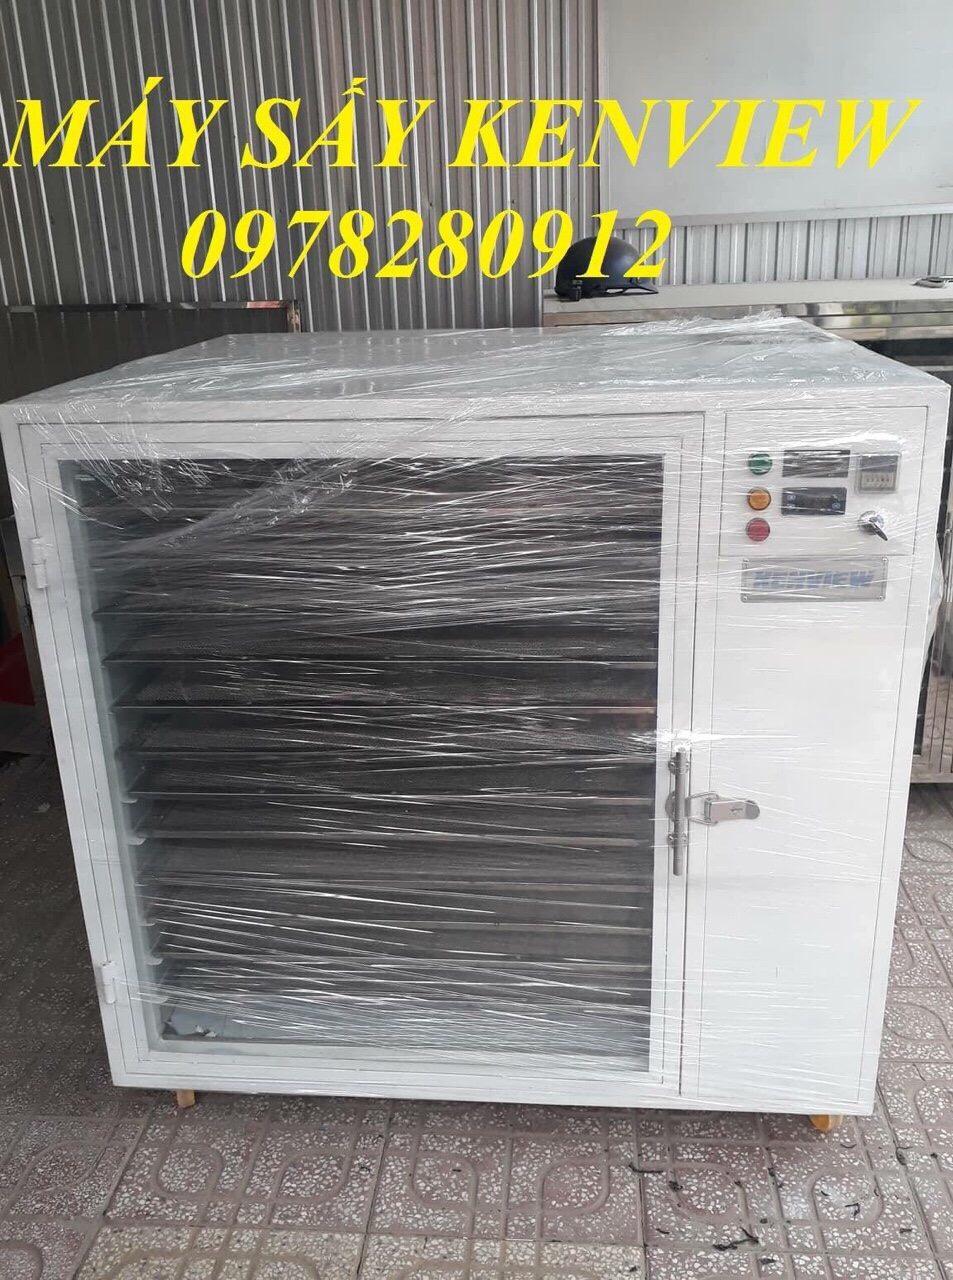 Kenview cung cấp máy sấy nhang tại Ninh Thuận. 0978280912